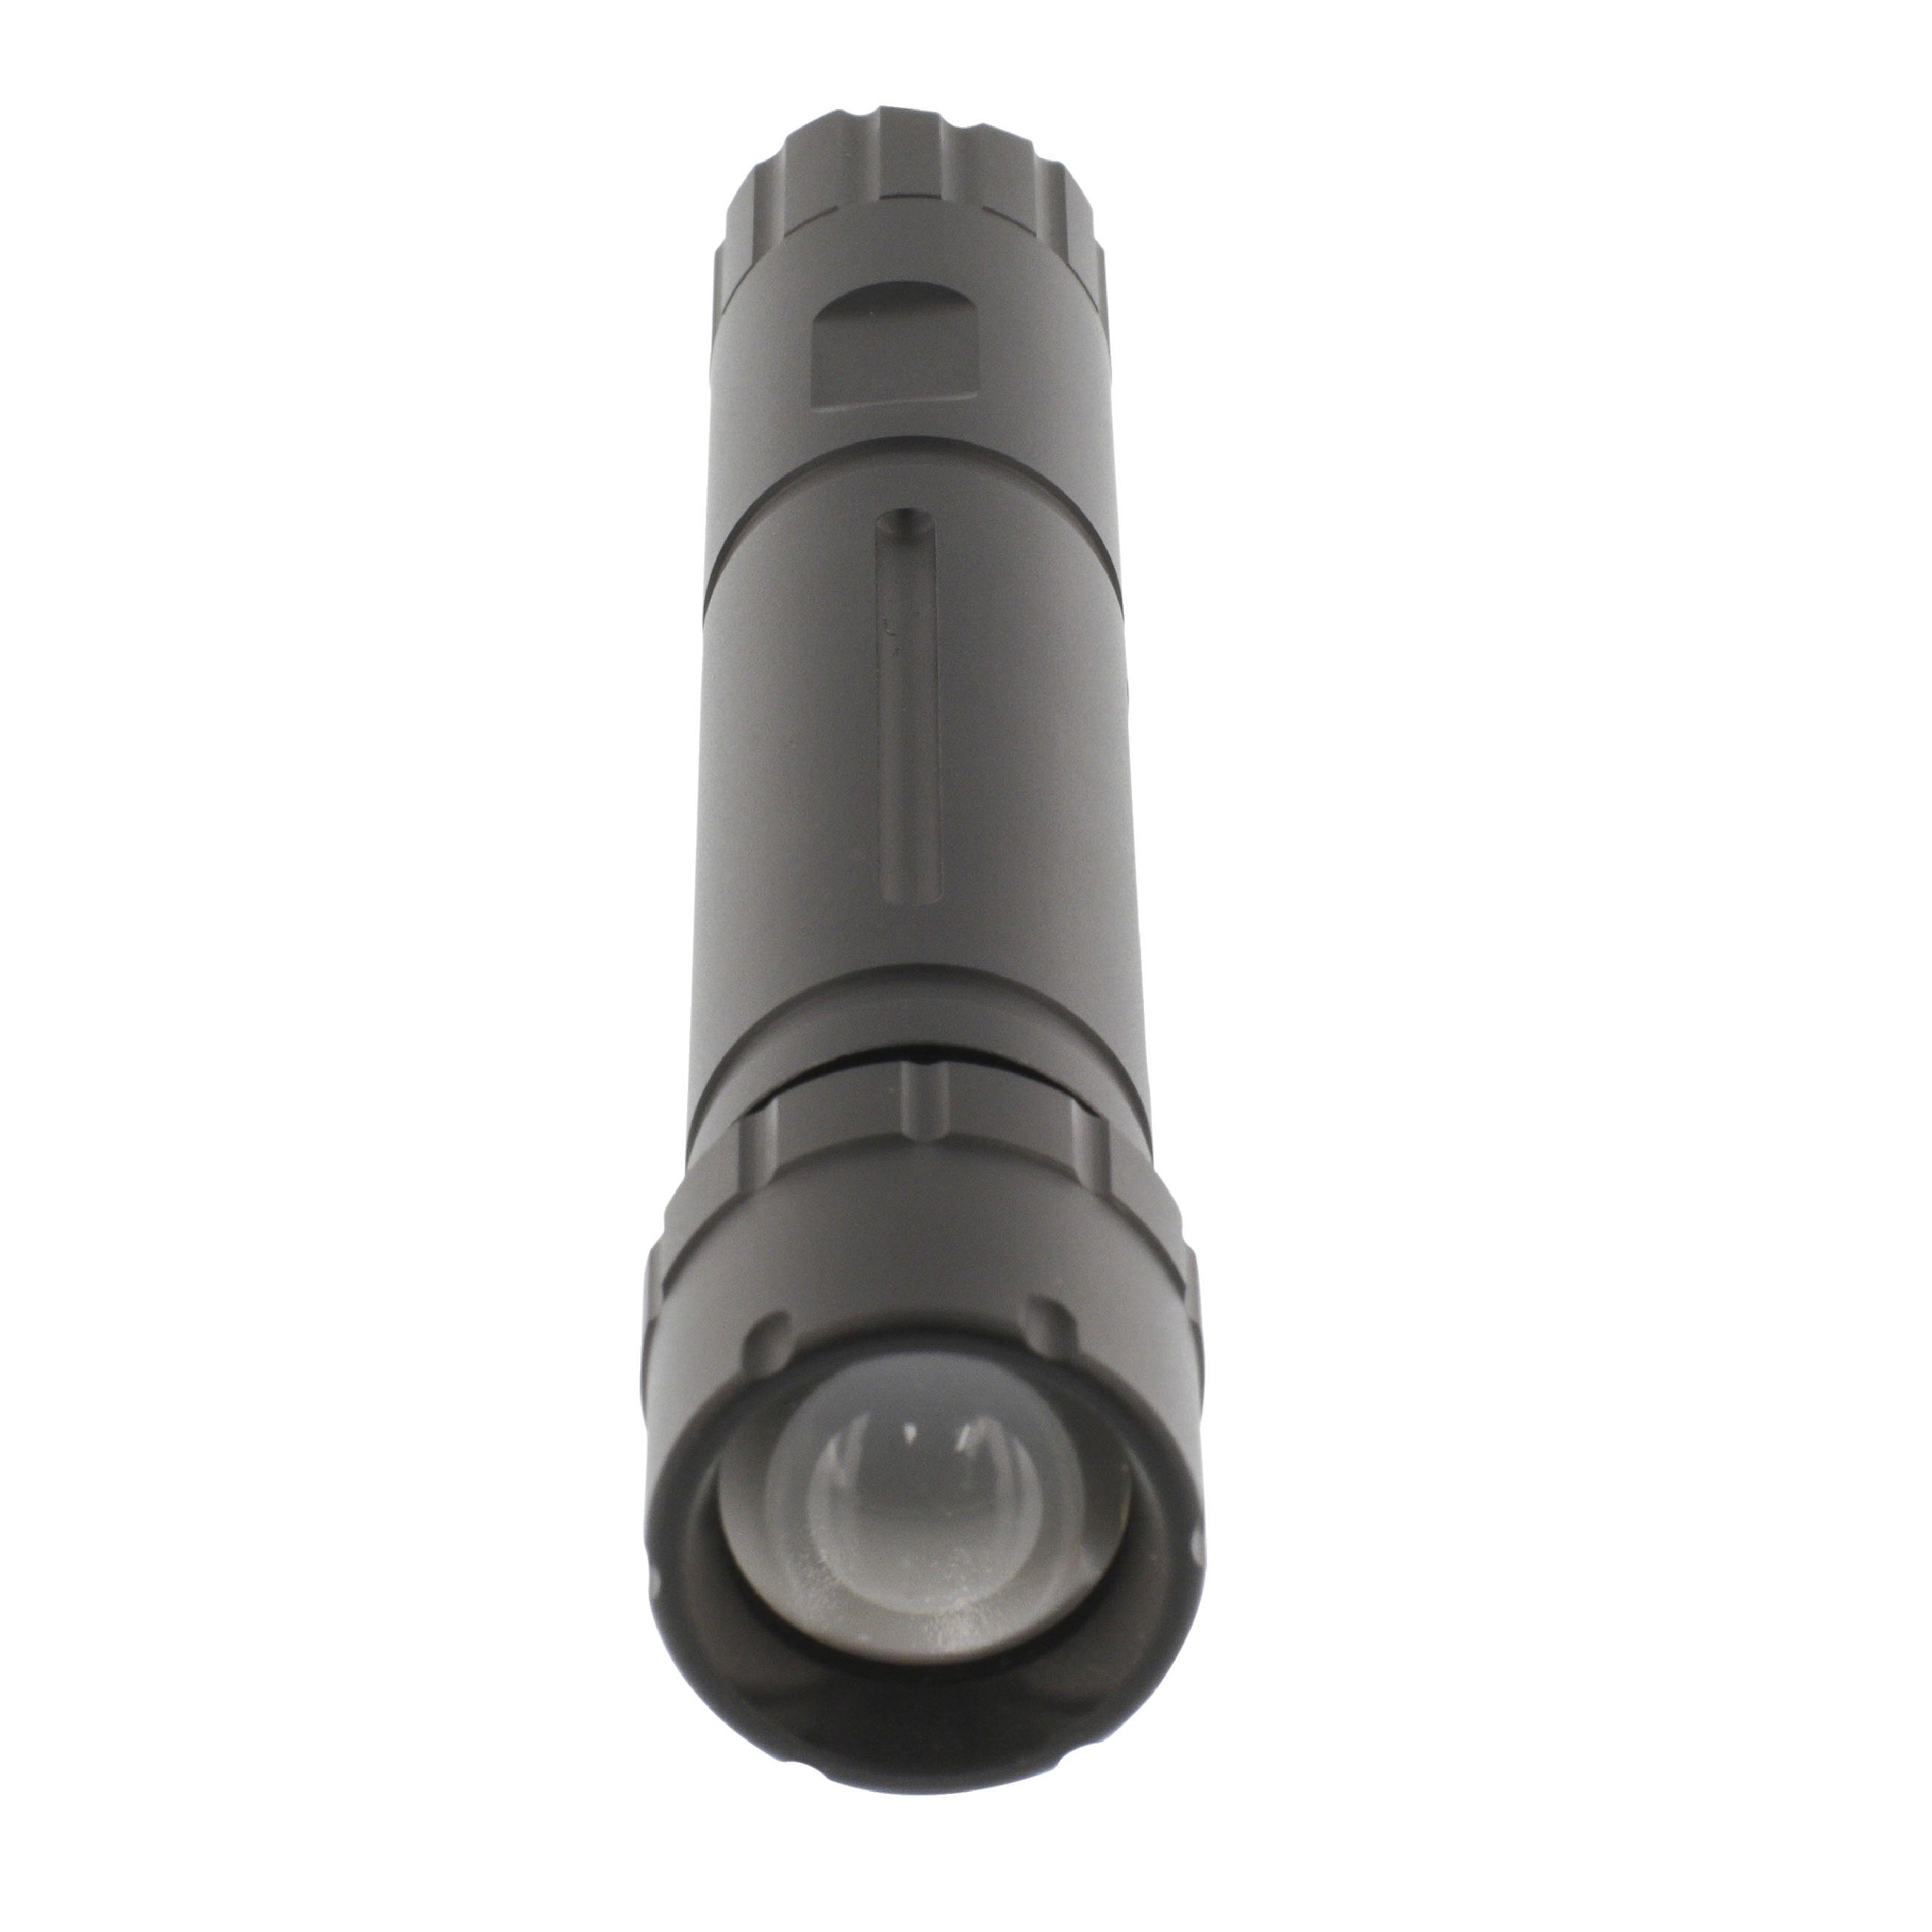 LED-Taschenlampe 220 lm Schwarz